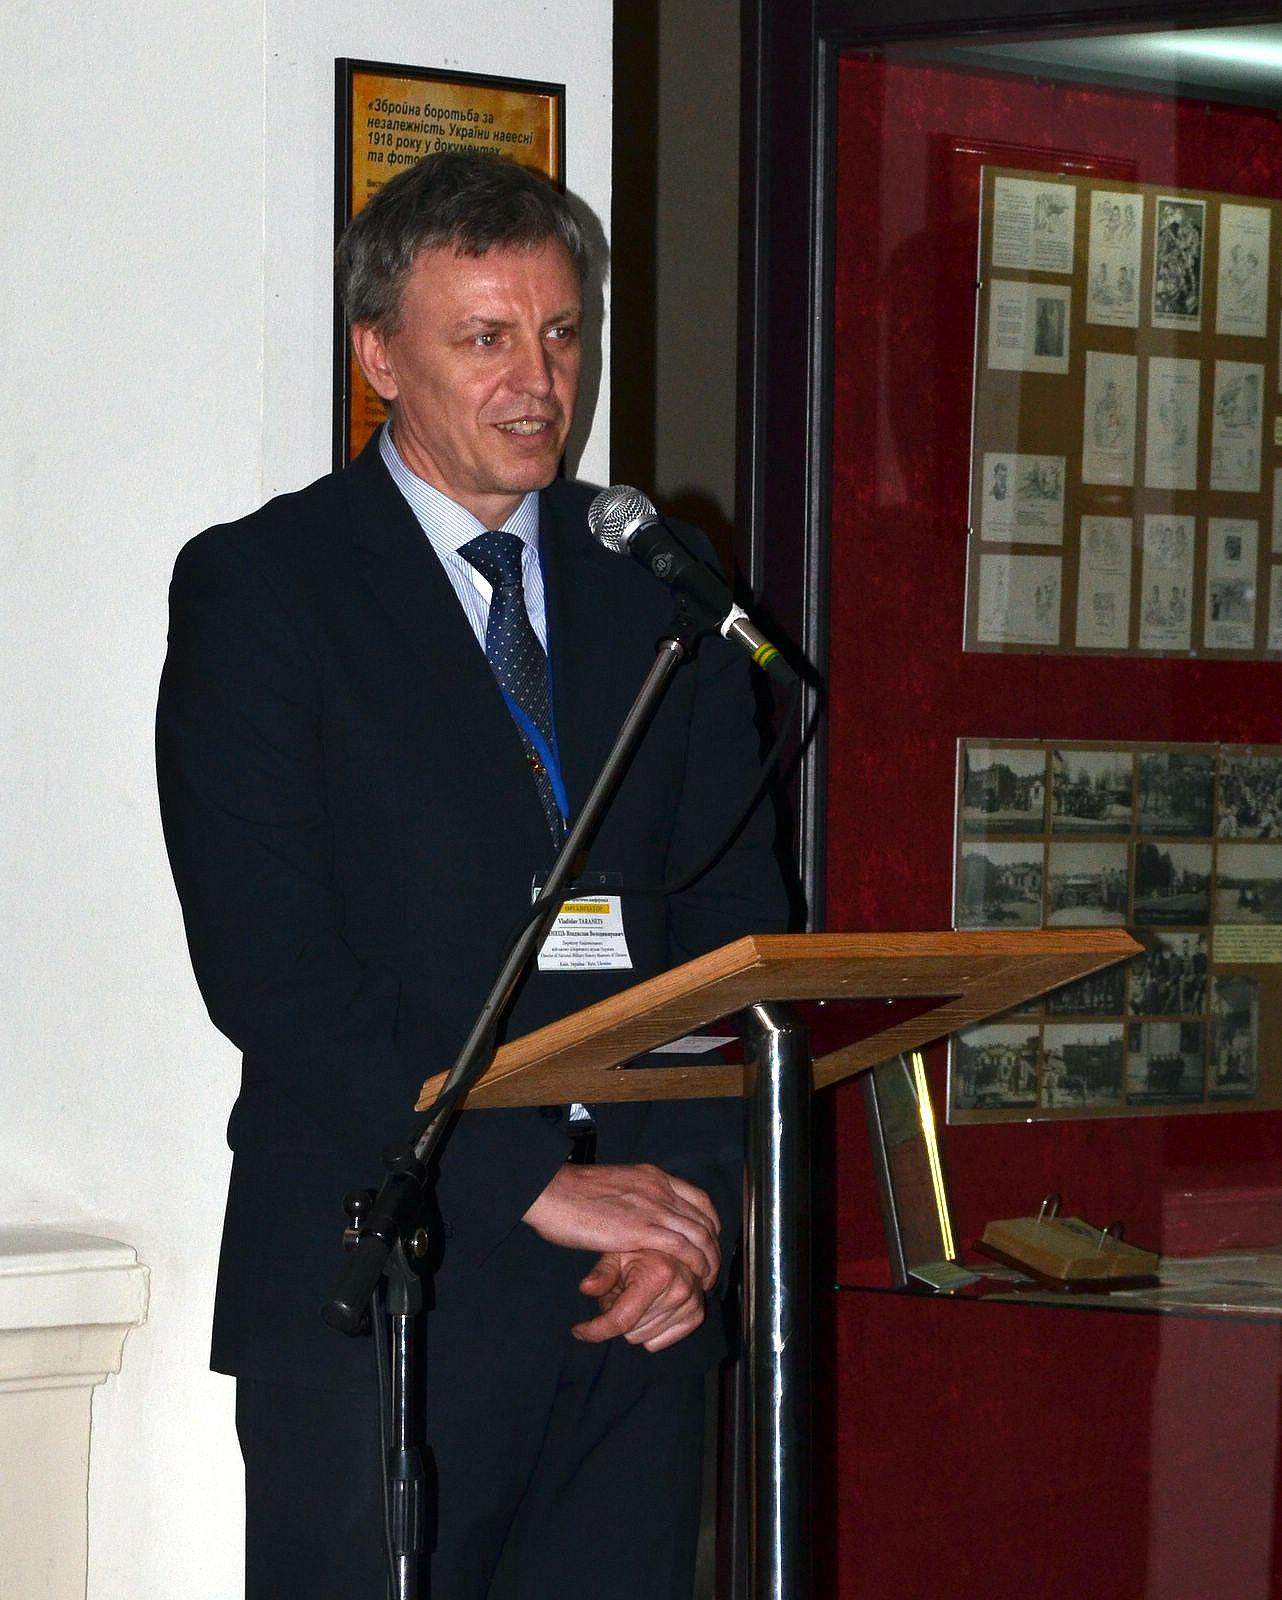 З вітальним словом до учасників звернувся директор Національного військово-історичного музею України Владислав Таранець.